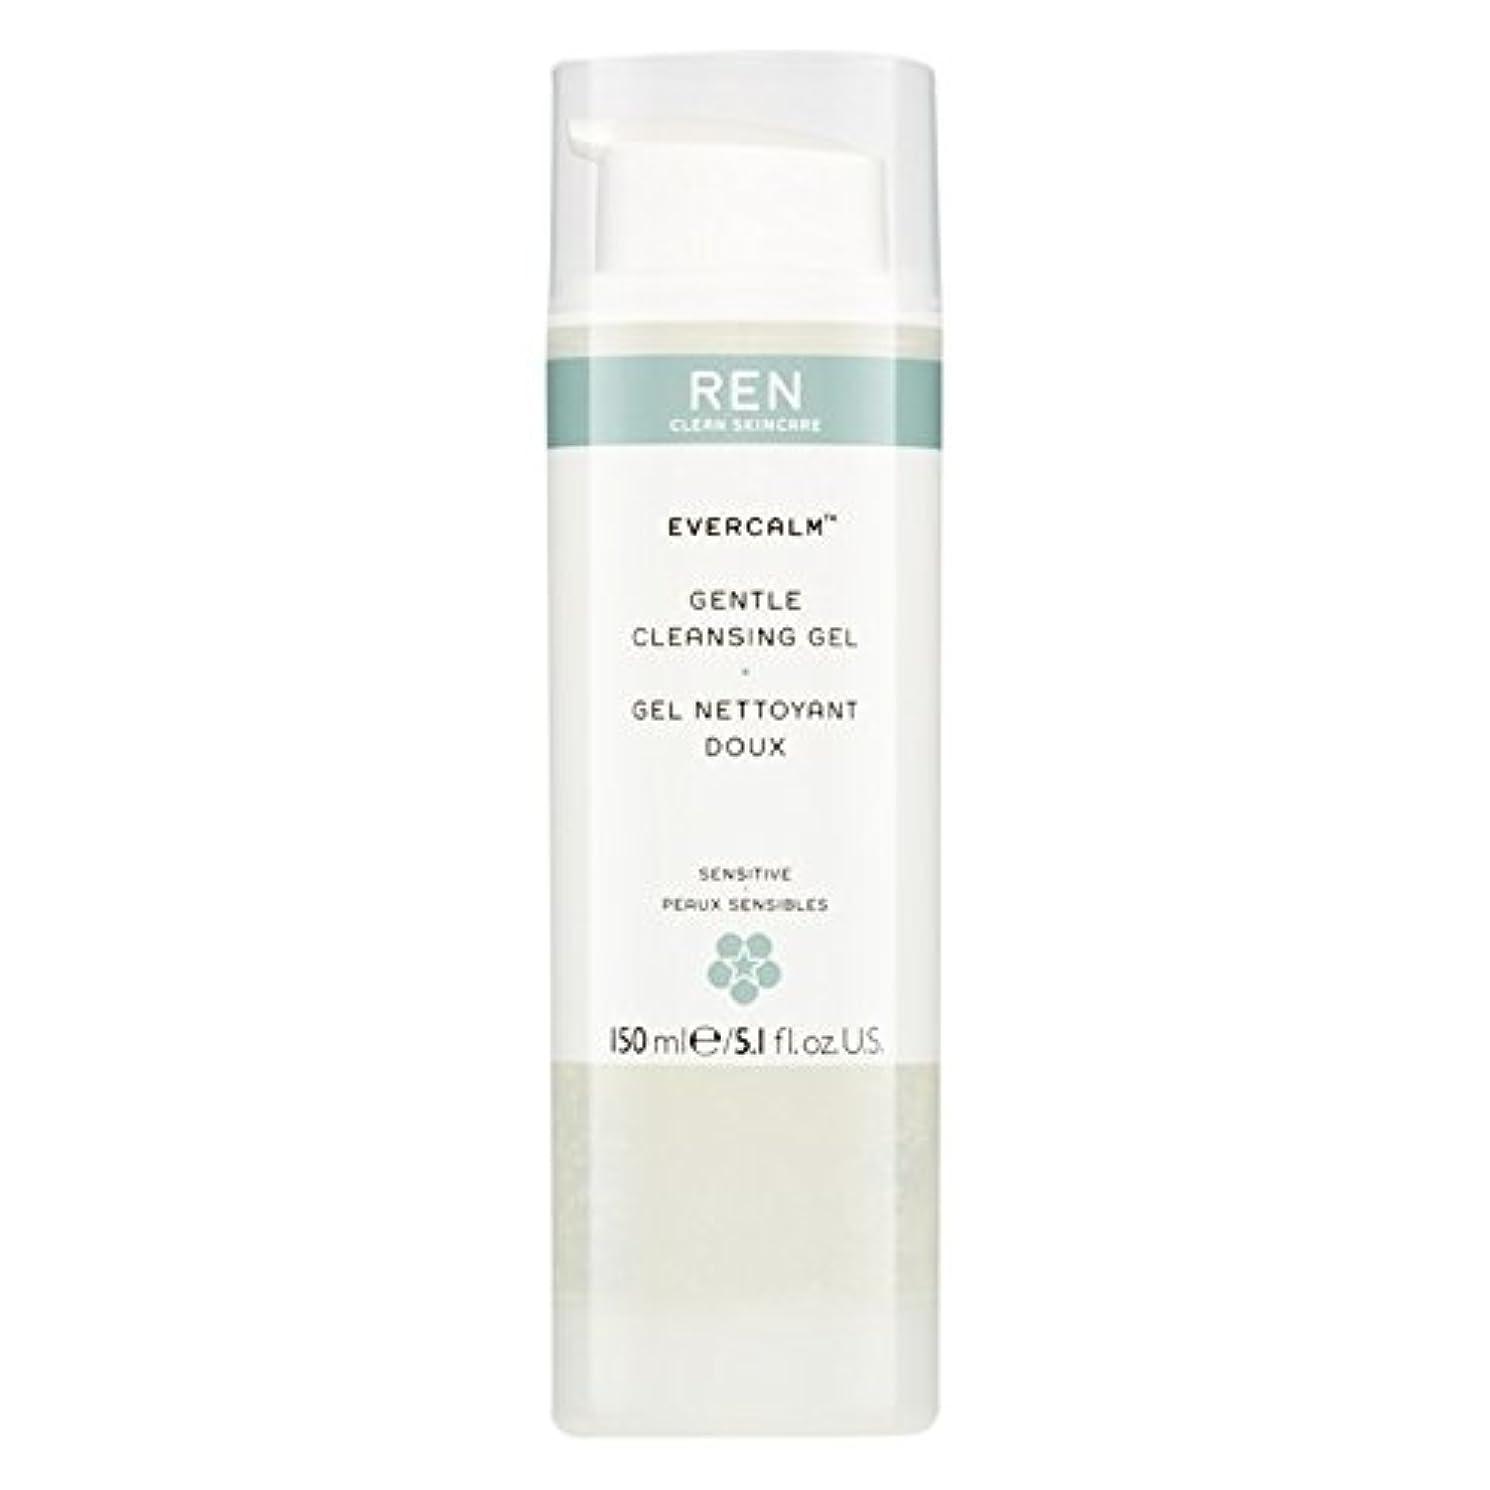 呼びかけるスコットランド人コロニーRen Evercalm優しいクレンジングジェル、150ミリリットル (REN) (x2) - REN Evercalm Gentle Cleansing Gel, 150ml (Pack of 2) [並行輸入品]